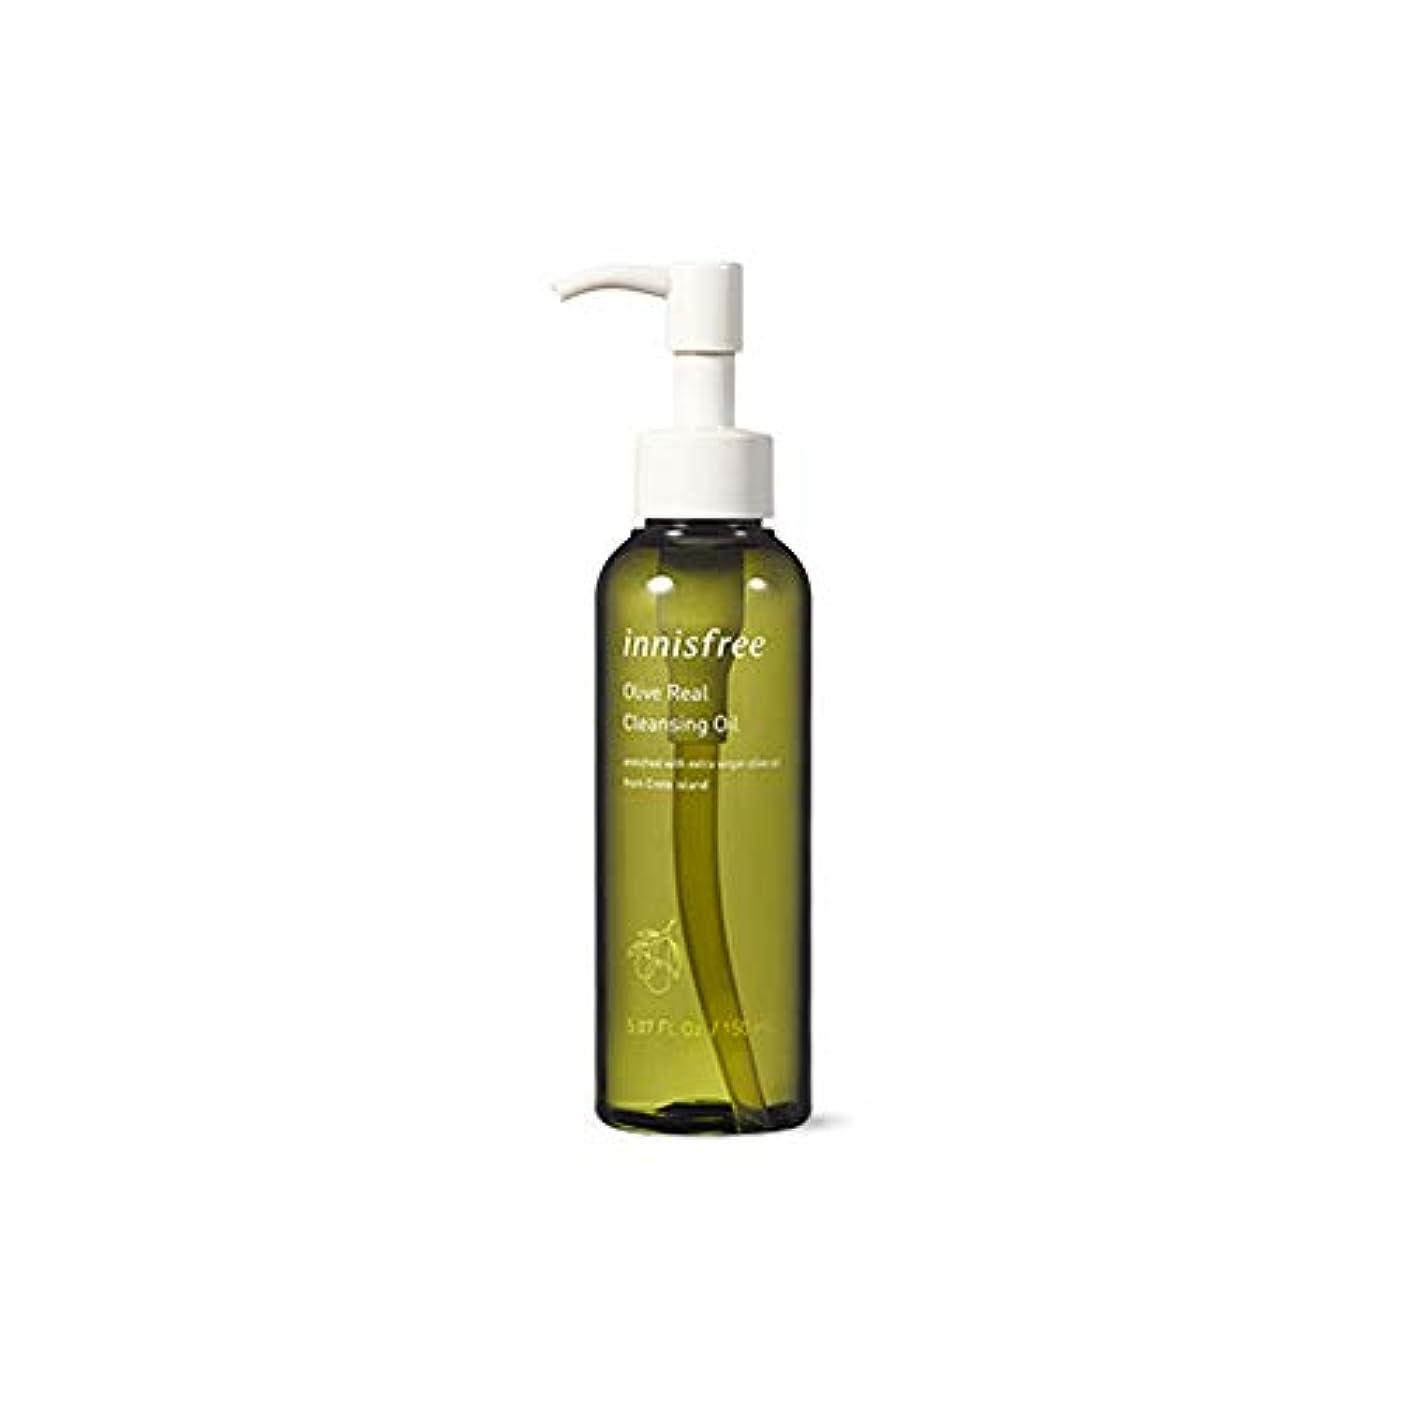 イニスフリー Innisfreeオリーブ リアル クレンジング オイル(150ml) Innisfree Olive Real Cleansing Oil(150ml) [海外直送品]